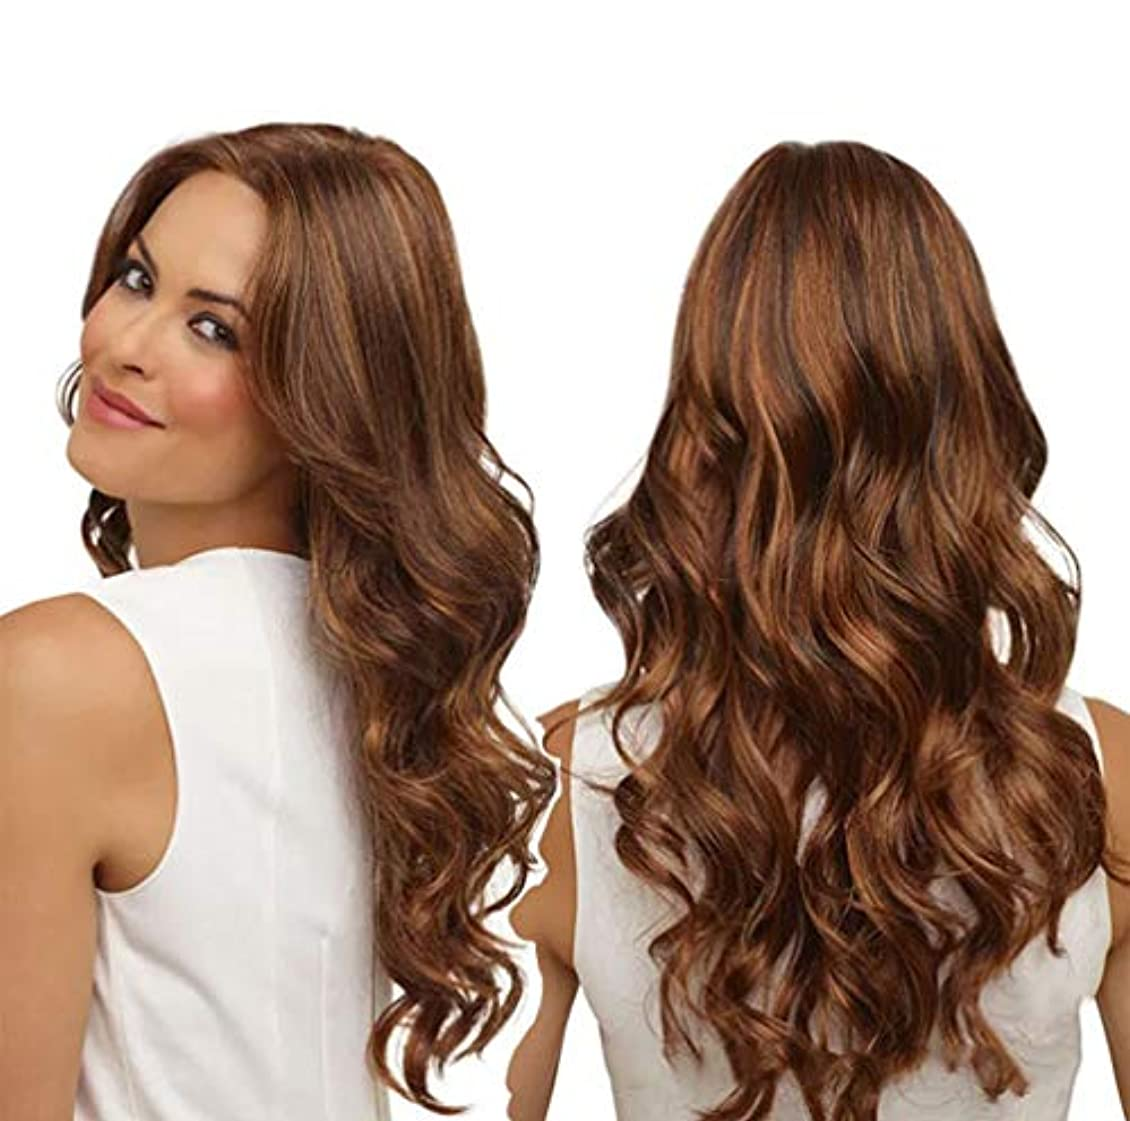 チューインガム住人アレイ女性かつら150%密度耐熱合成繊維人毛水波かつらベビー髪かつら65センチ